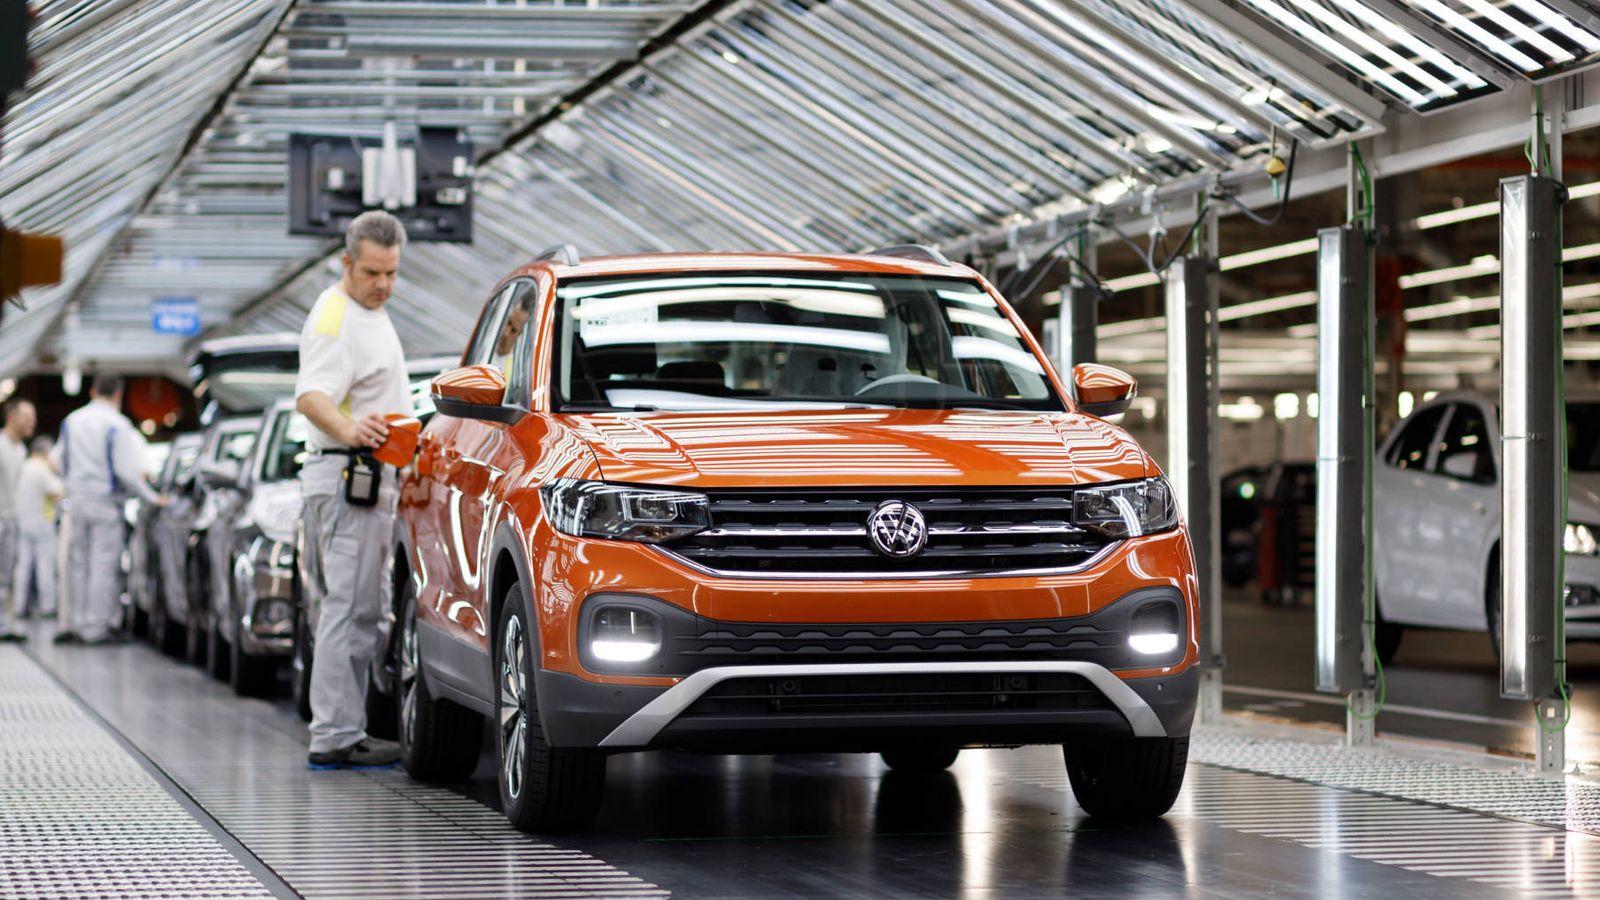 cc7a8db08 Opel: Volkswagen, Opel y Fiat registran la mayor caída de venta de  vehículos en 2019